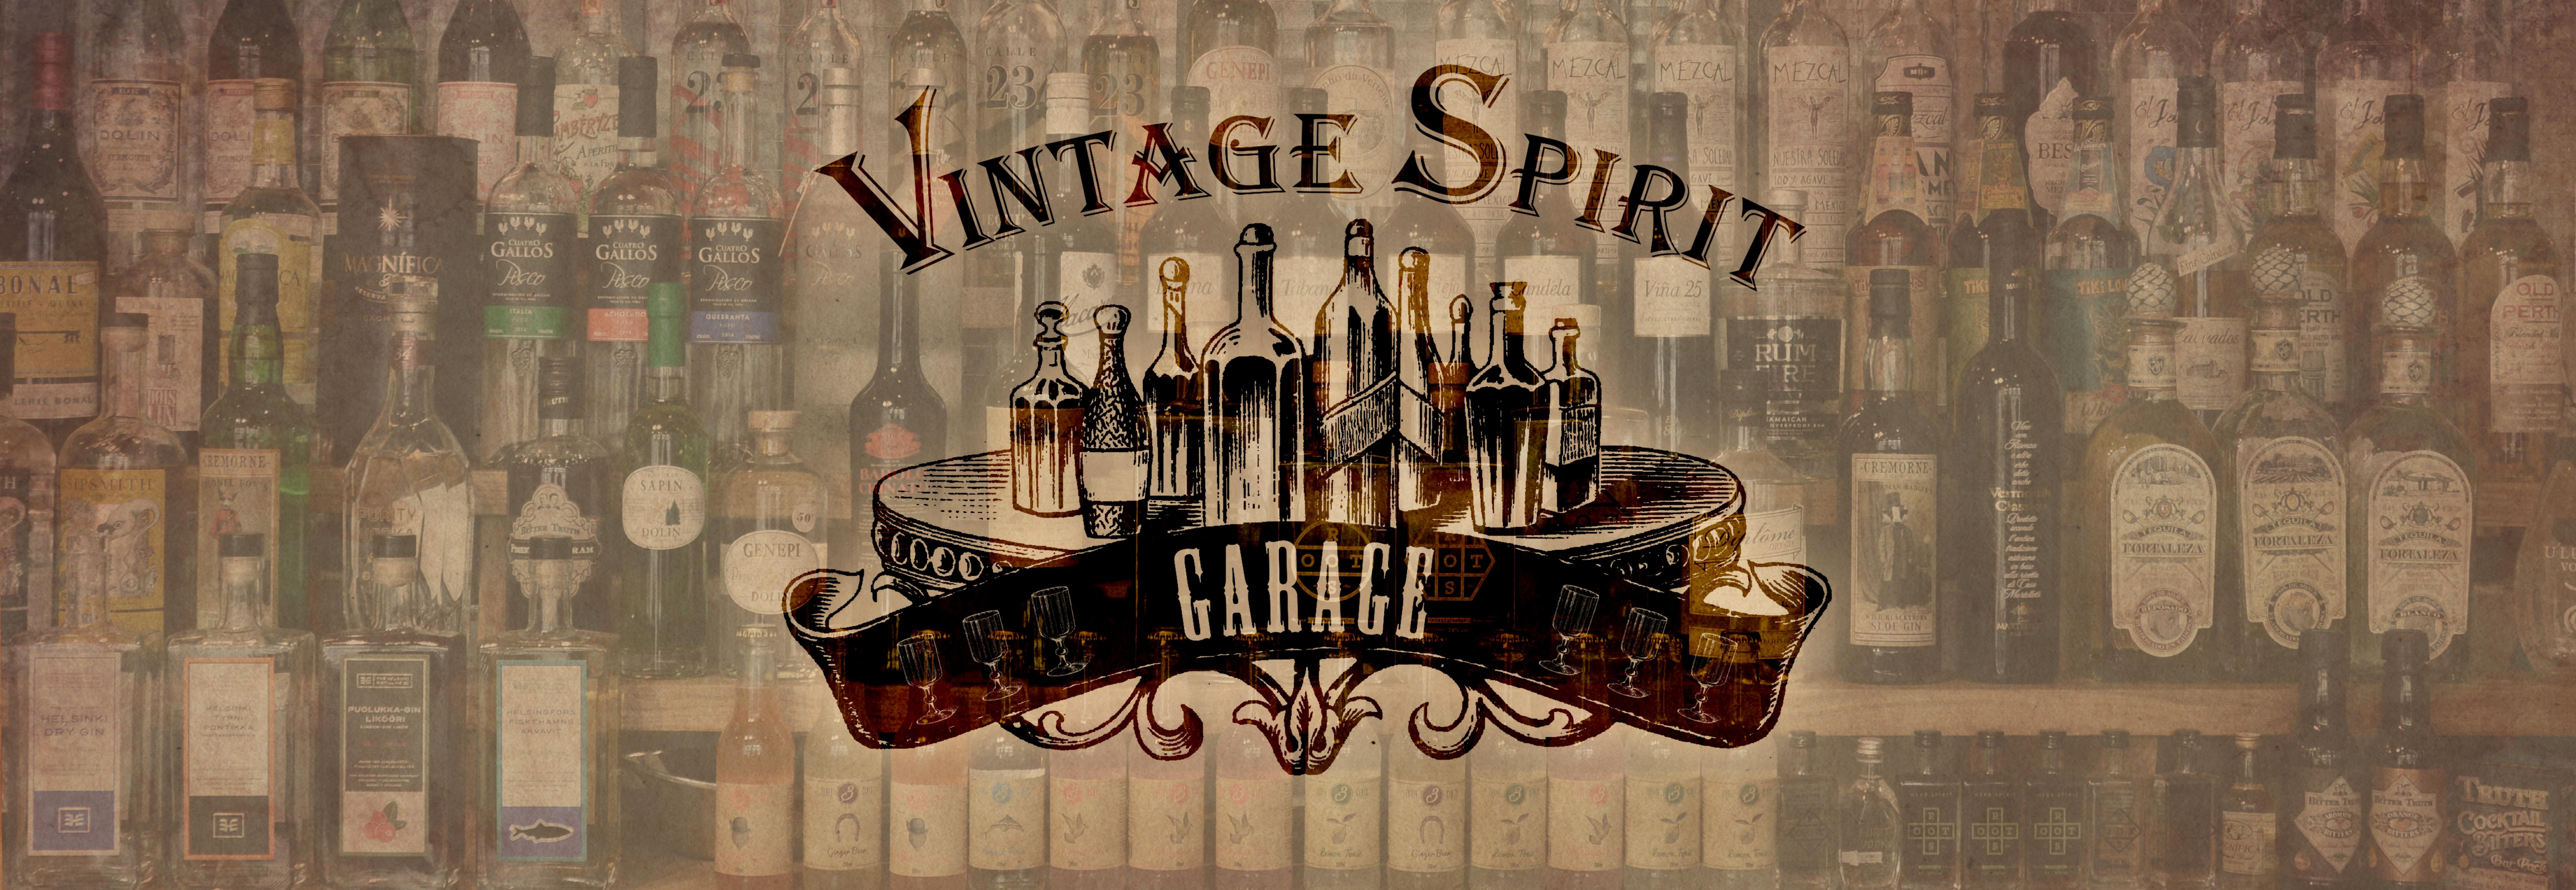 Vintage Spirit Garage